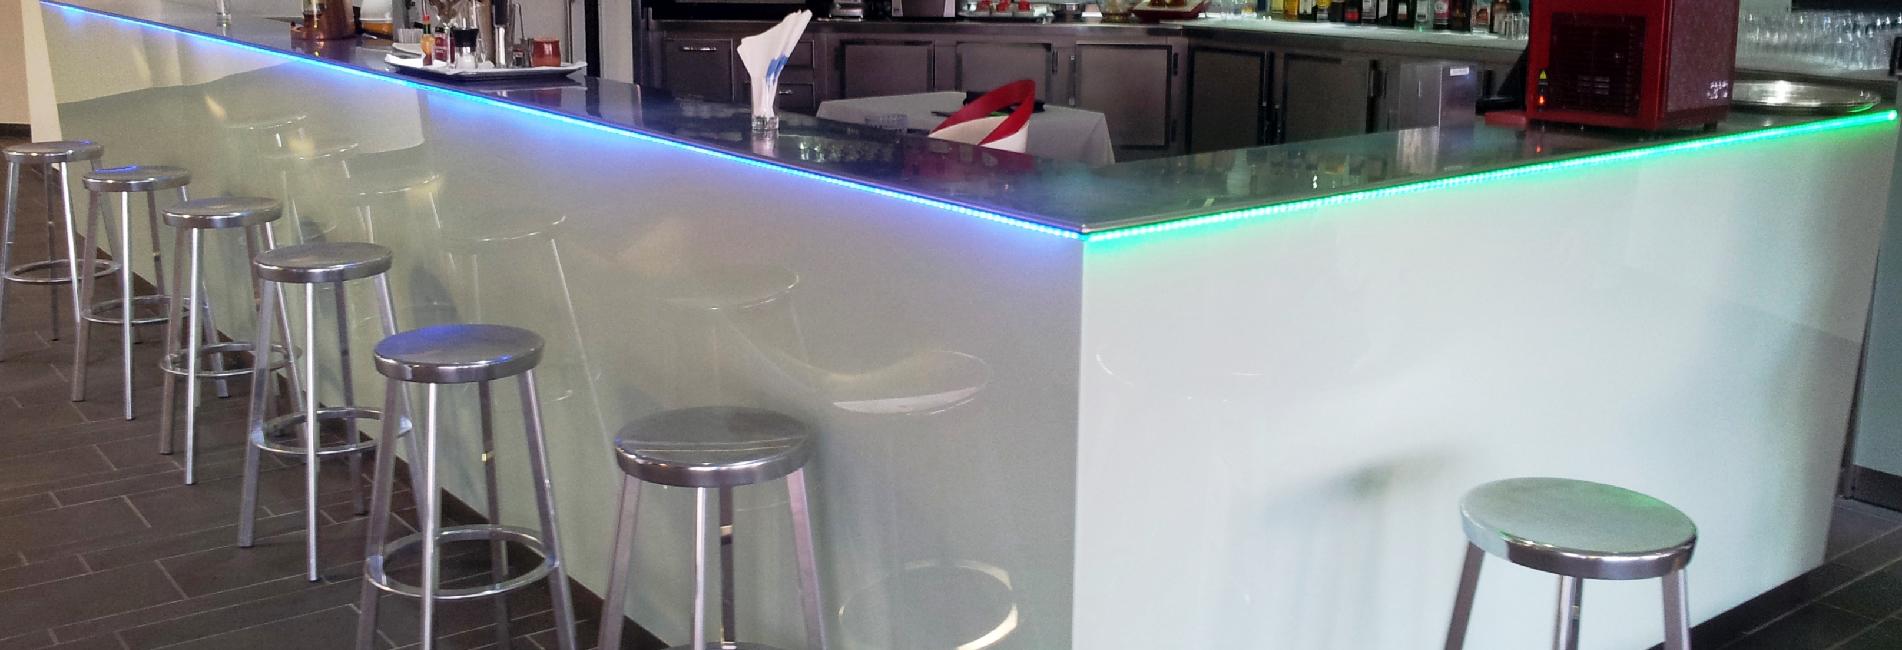 Industrias del acero Cianco ha fabricado una barra y mostrador de 10m con encimera y zócalo en acero inoxidable en el Hotel Thalasso Serge Blanco en Hendaya